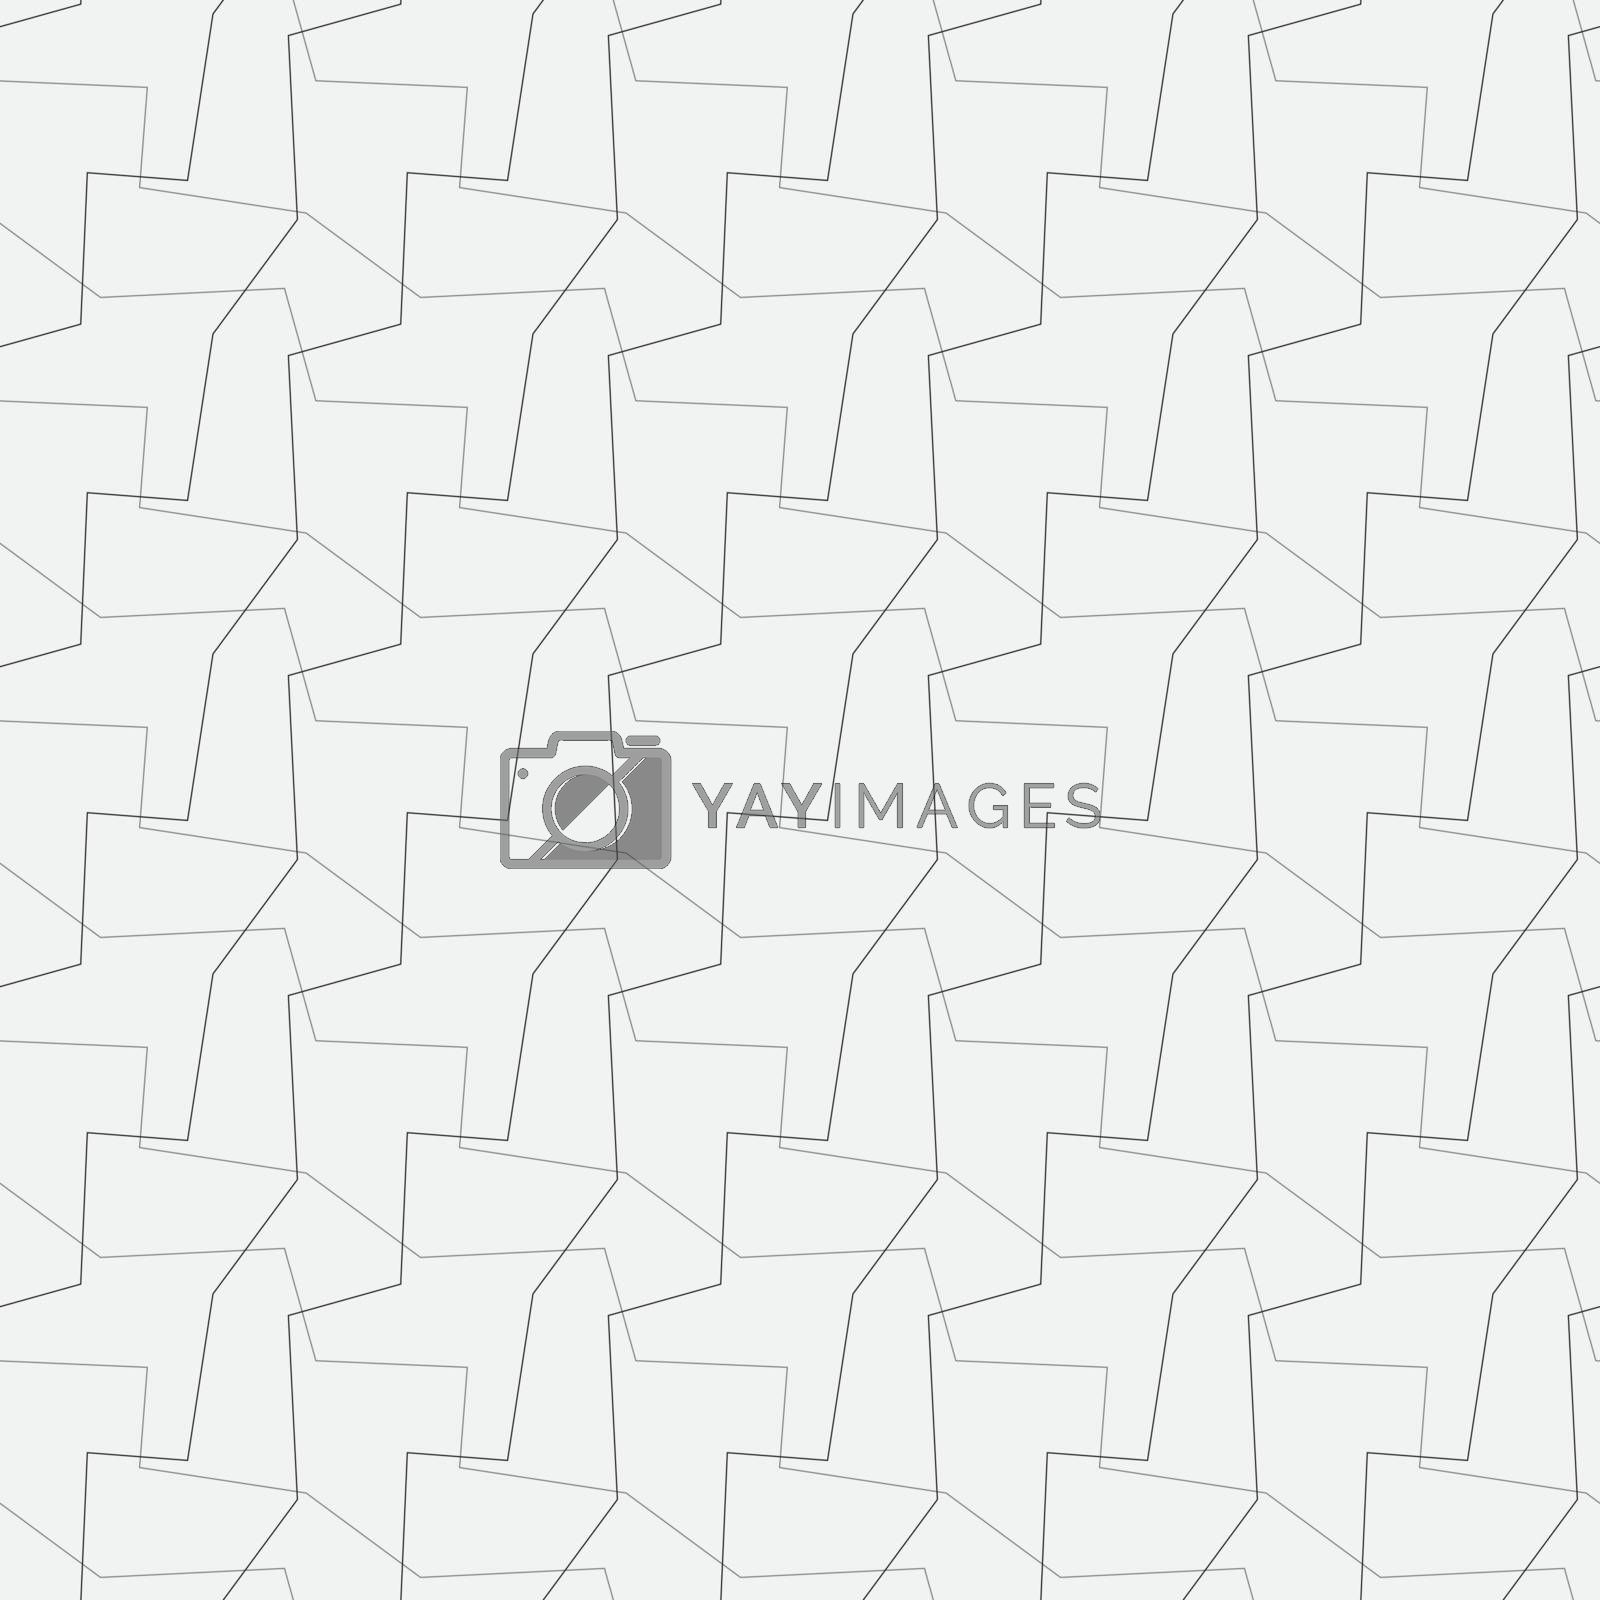 Royalty free image of abstract vector seamless wallpaper by pzRomashka